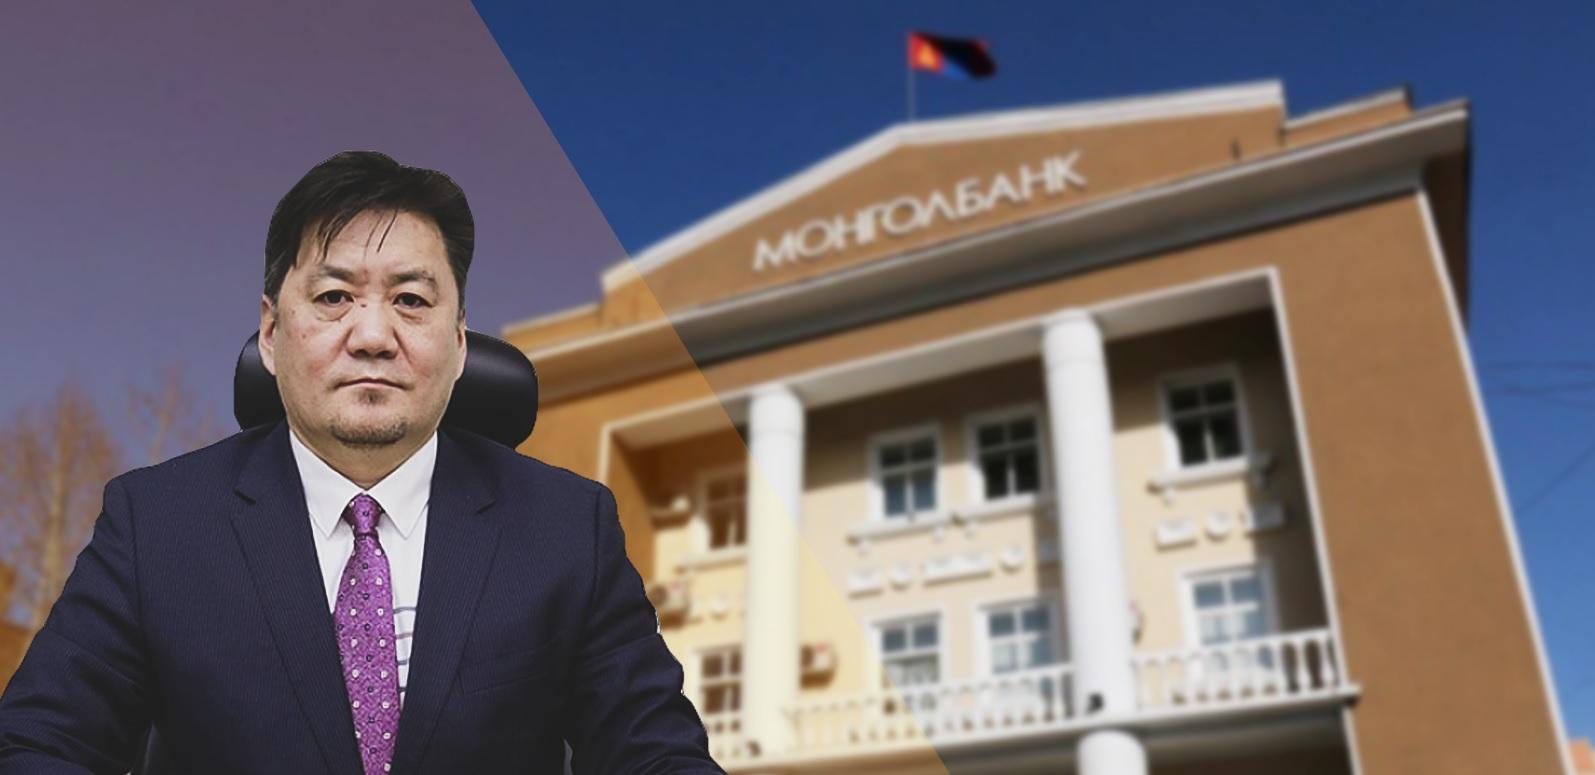 Стандард энд Пүүрс агентлаг Монгол Улсын зээлжих зэрэглэлийг хэвээр үлдээв